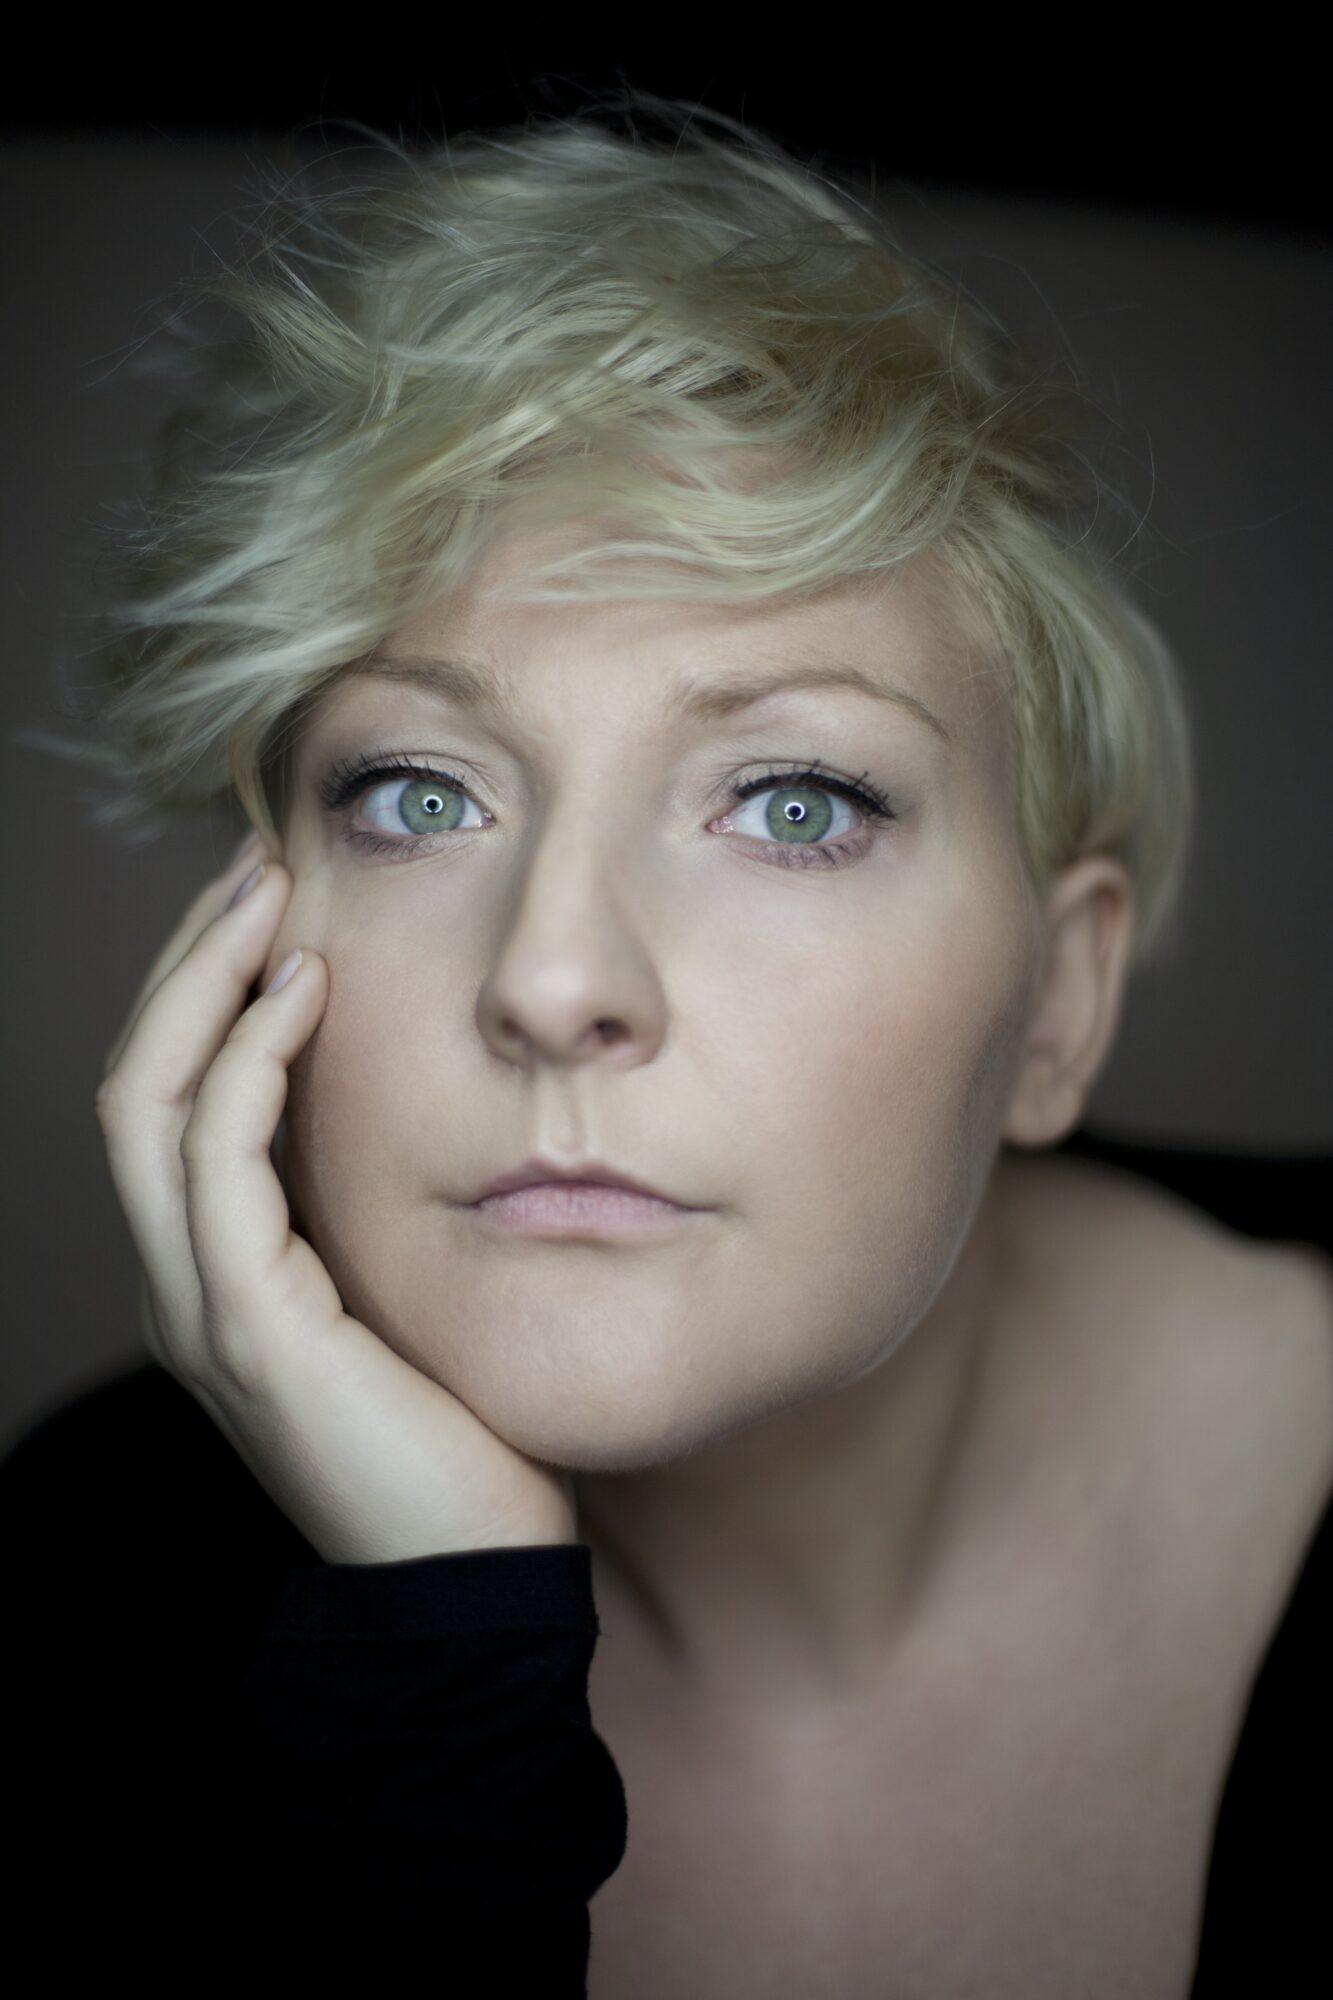 Kobieta, o krótkich włosach blond podpiera ręką podbródek.